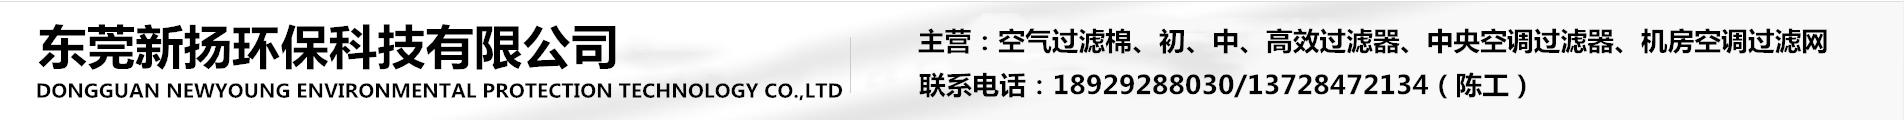 东莞新扬环保科技有限公司